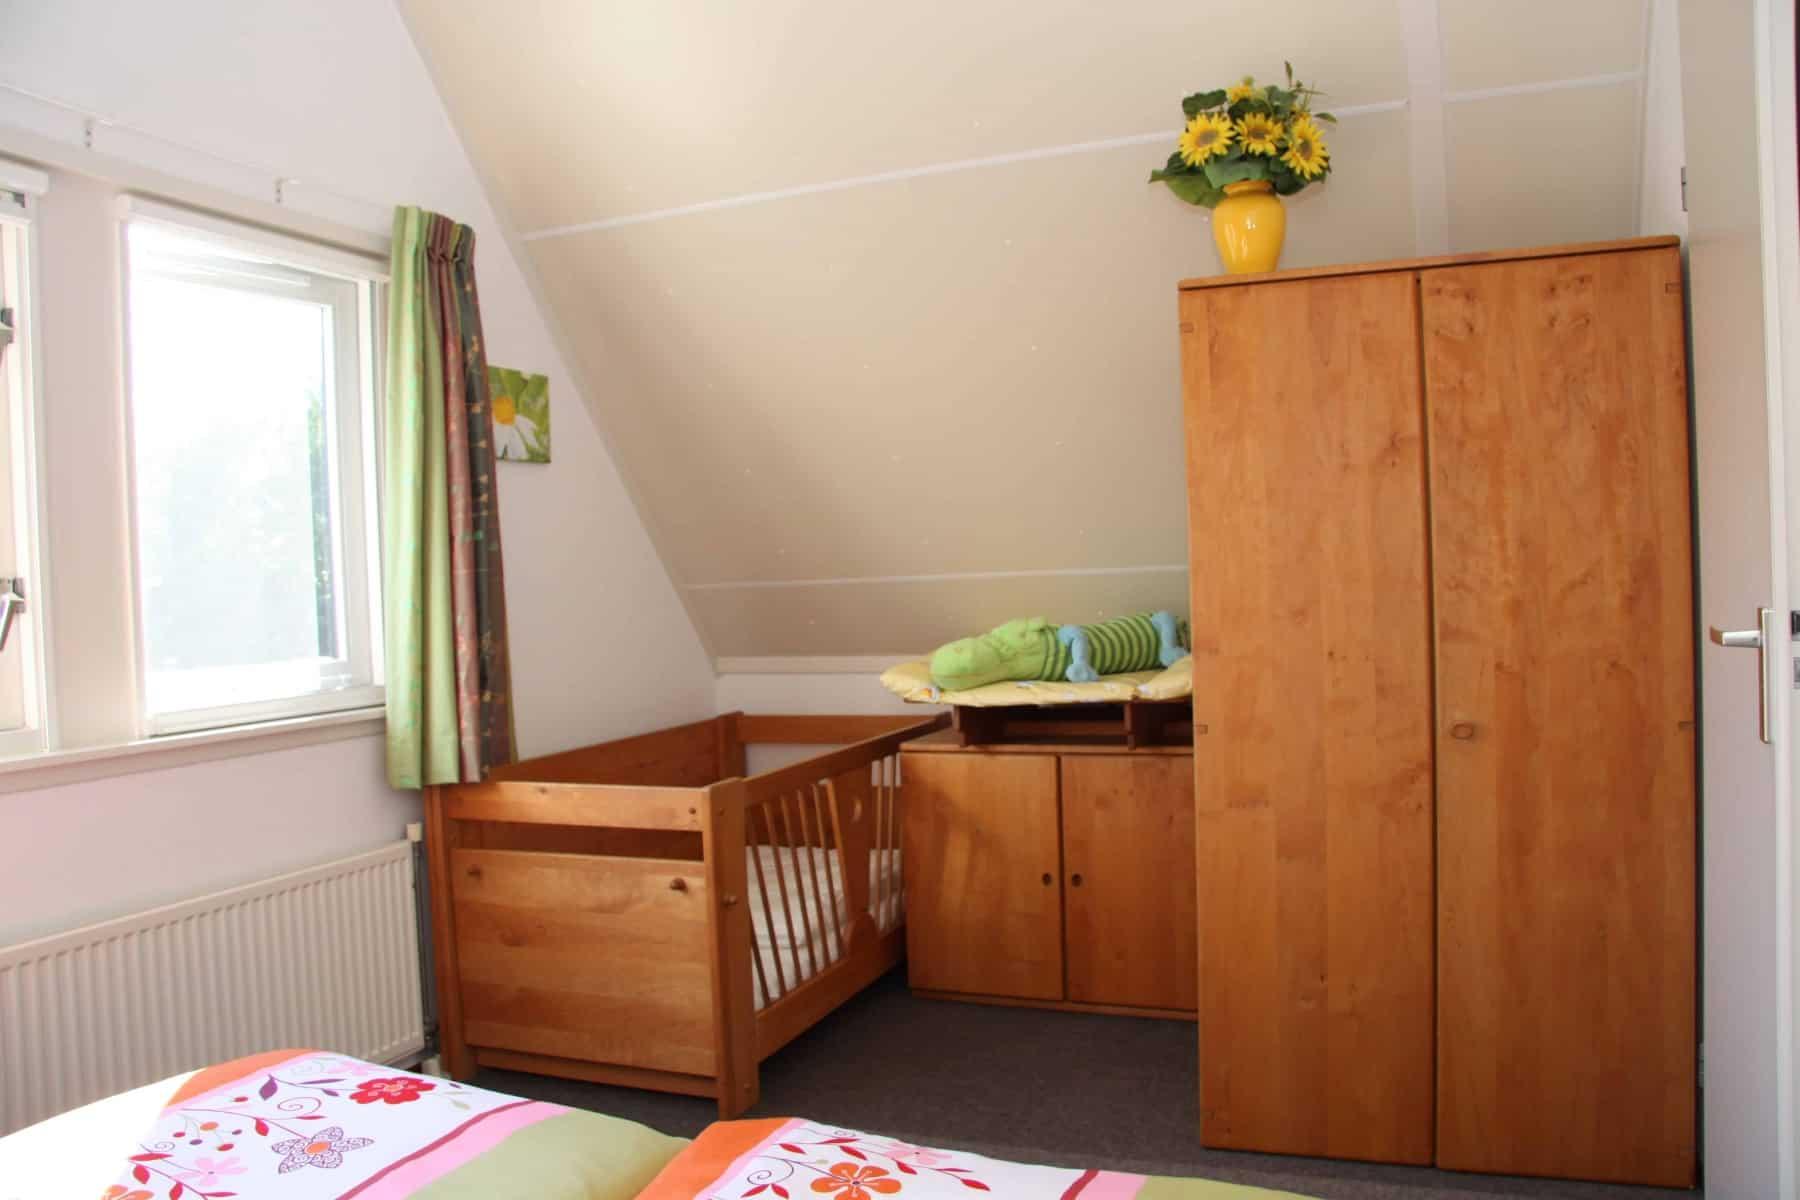 Der Babybereich im Elternschlafzimmer mit TEAM 7-Möbel